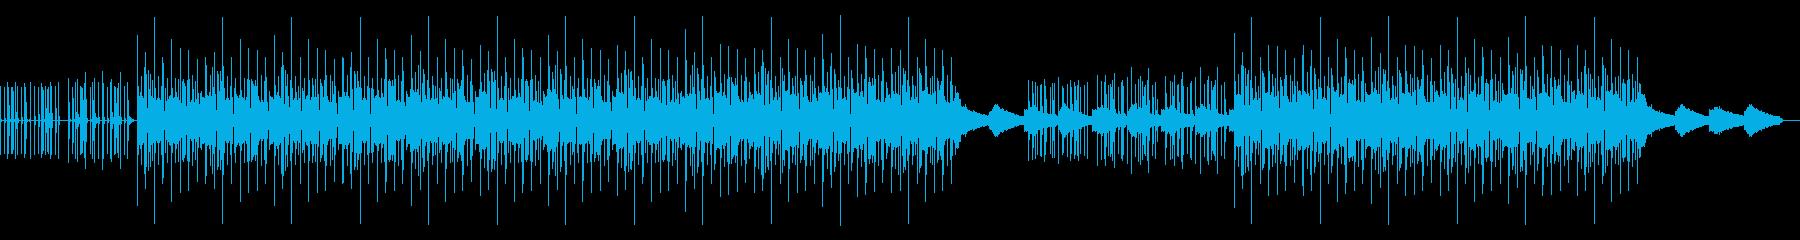 真夜中の夏が似合うブルーなBGMの再生済みの波形